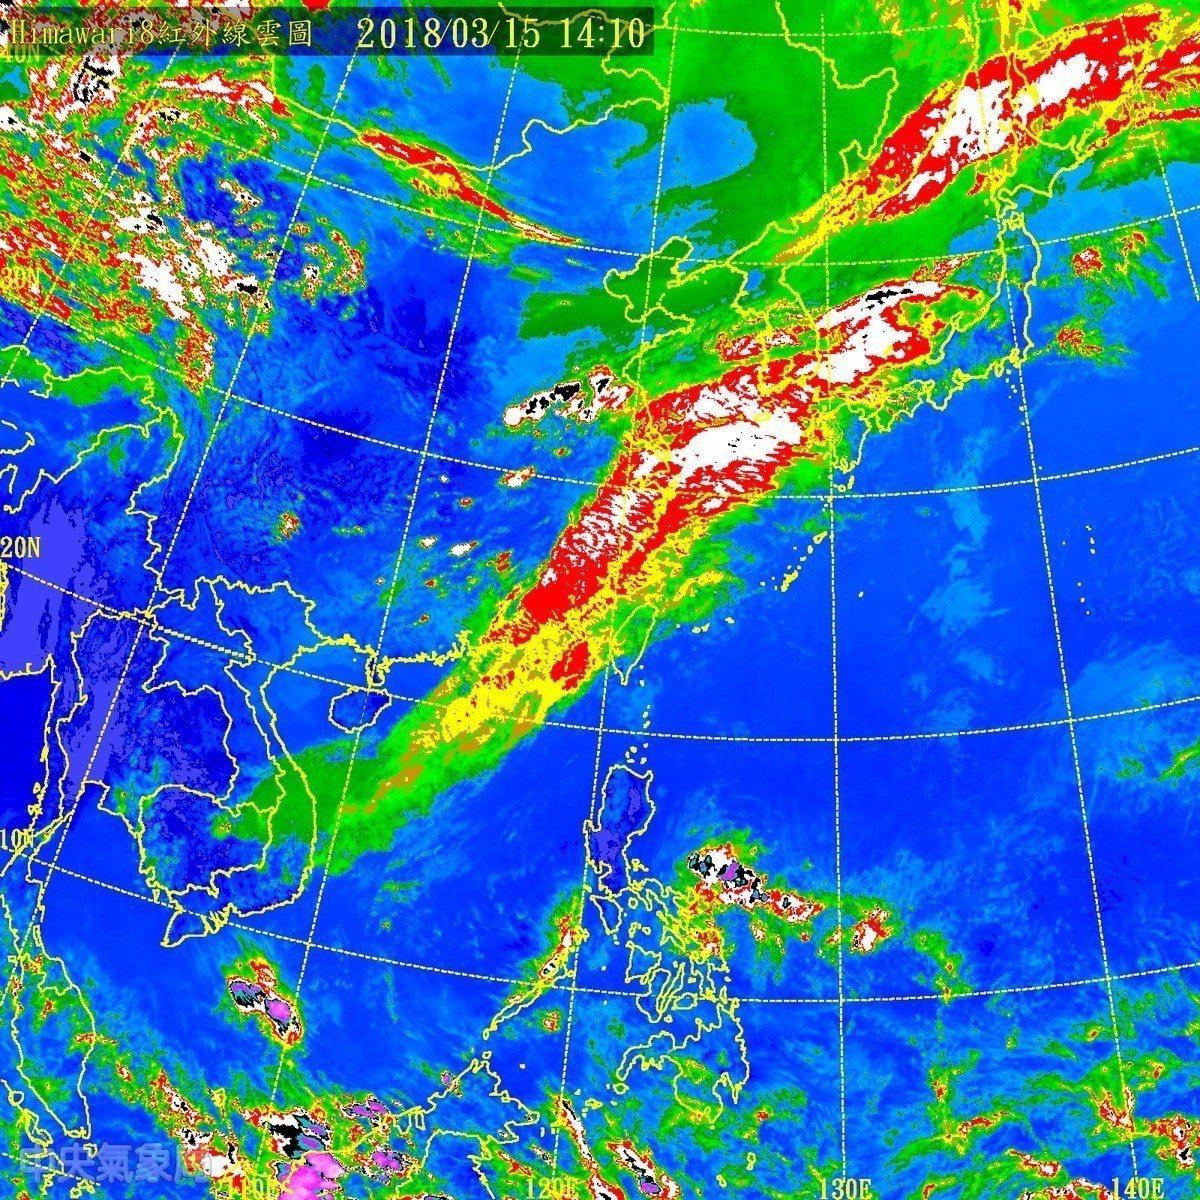 中央氣象局說,鋒面接近影響,目前台灣海峽有旺盛對流雲系發展並將移進陸地,今天下午...